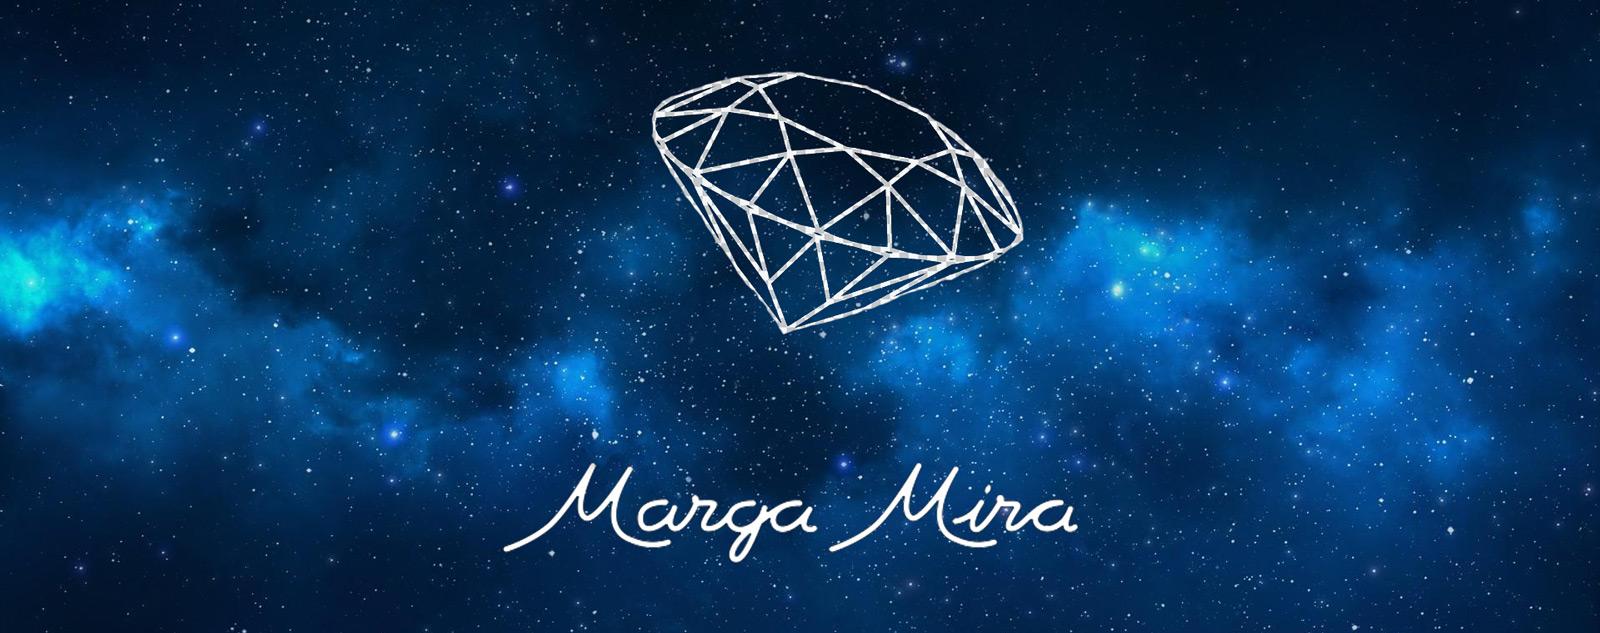 joyas exclusivas de la coleccion universo - anillos con diamantes - joyeria marga mira